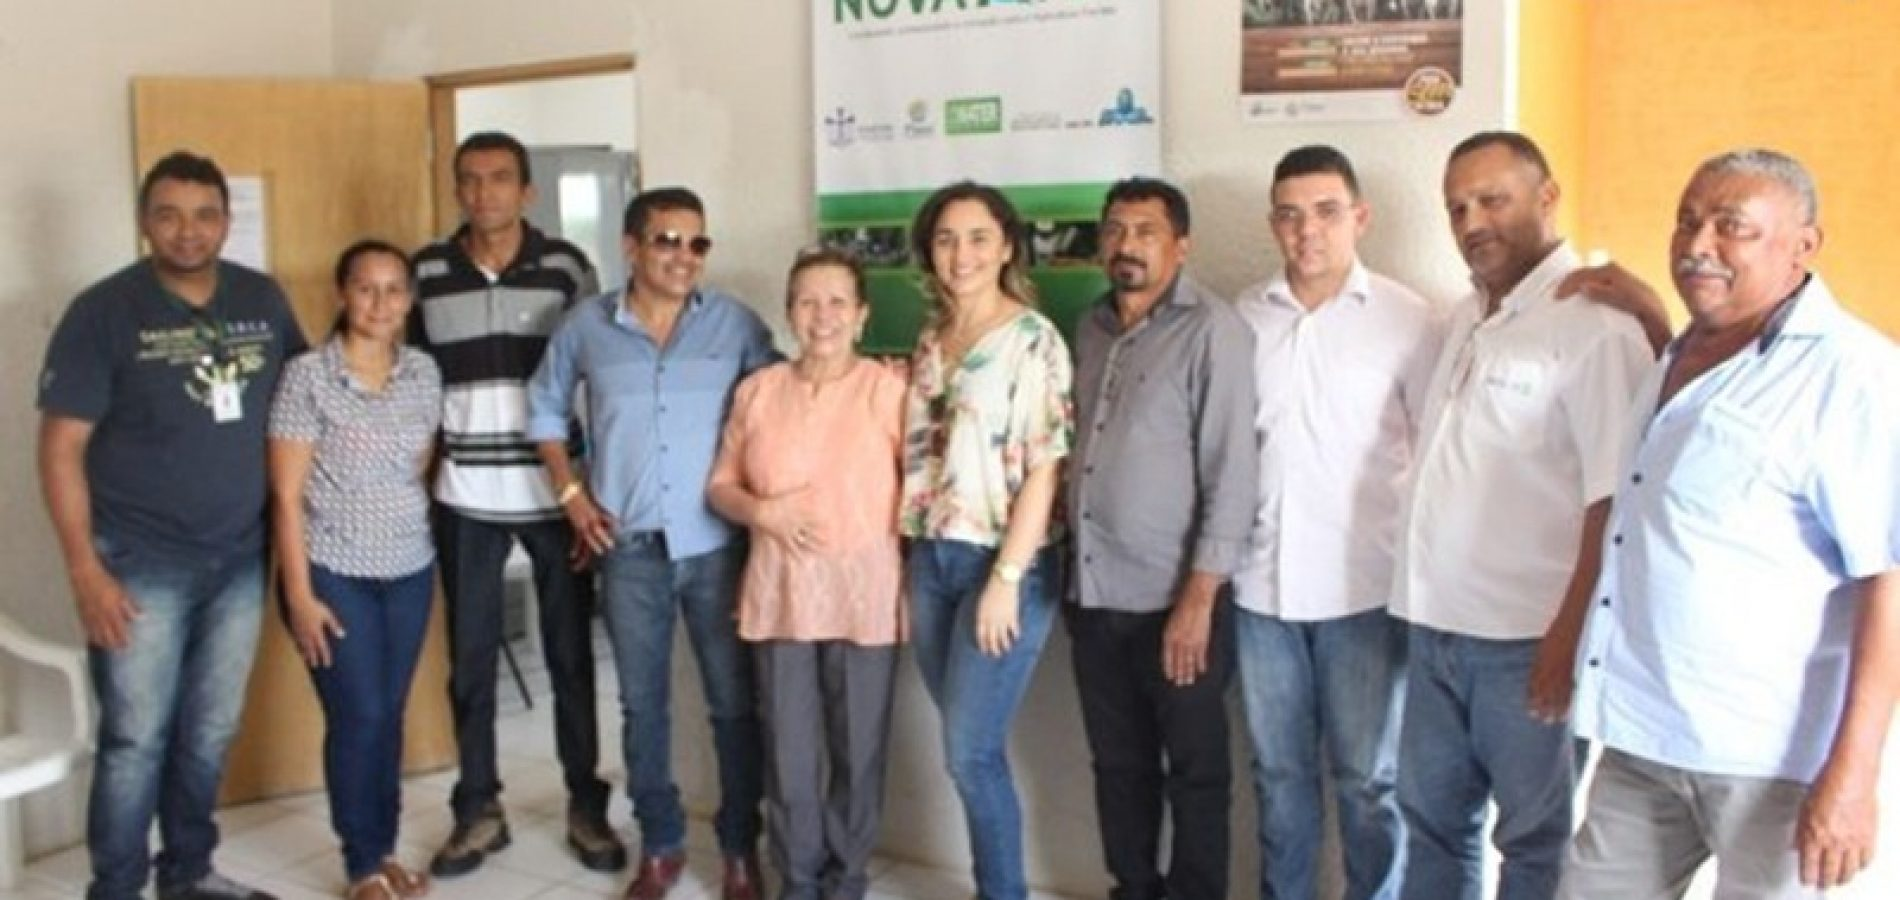 Emater realiza encontro de planejamento de ações do Projeto Dom Hélder Câmara em Campo Grande do Piauí